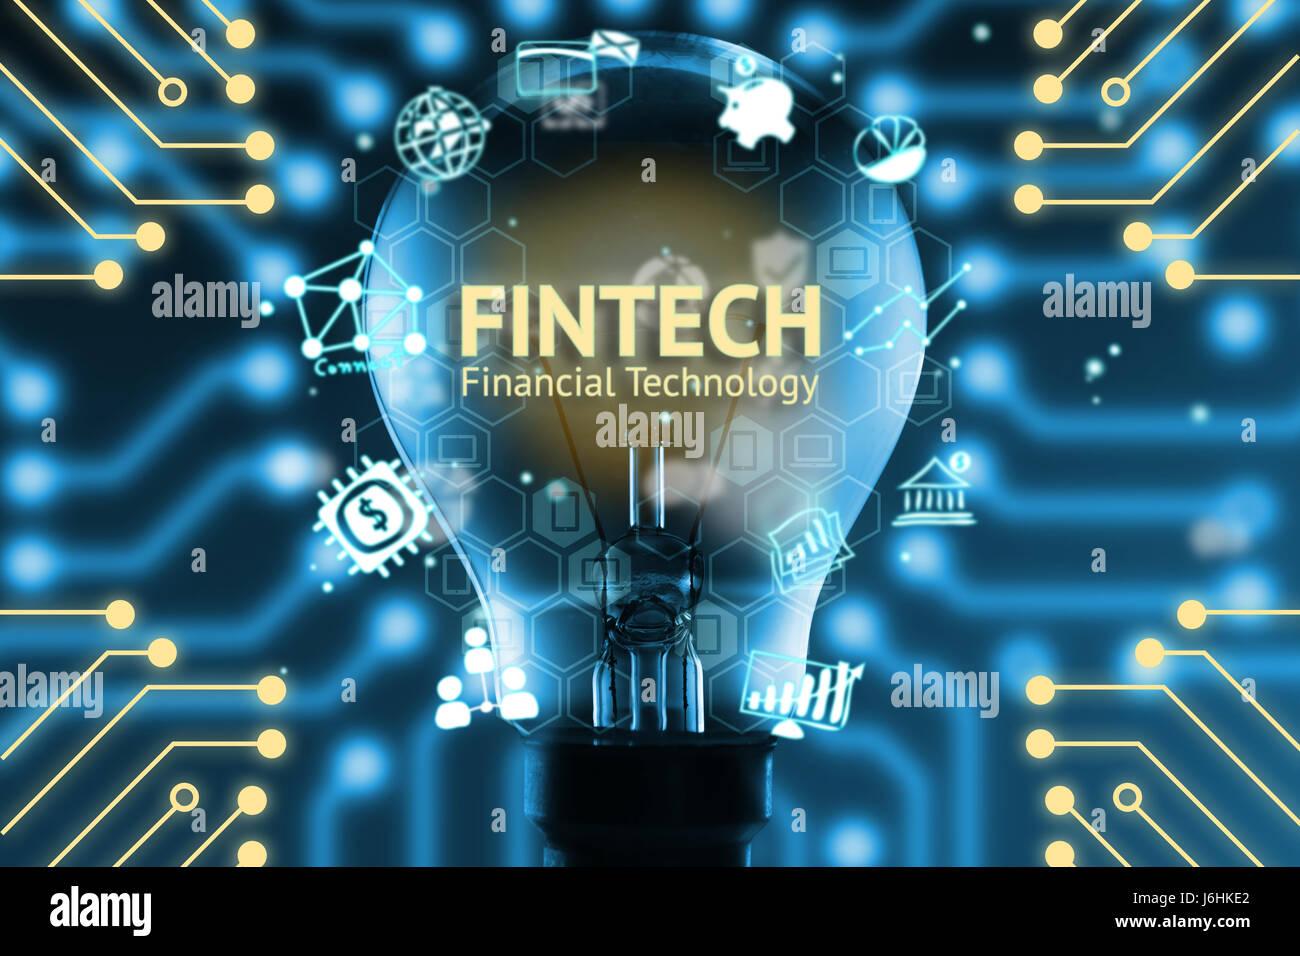 Concetto di Fintech . Le icone della tecnologia finanziaria e banca . Lampadina della luce , Una infografica , testi Immagini Stock